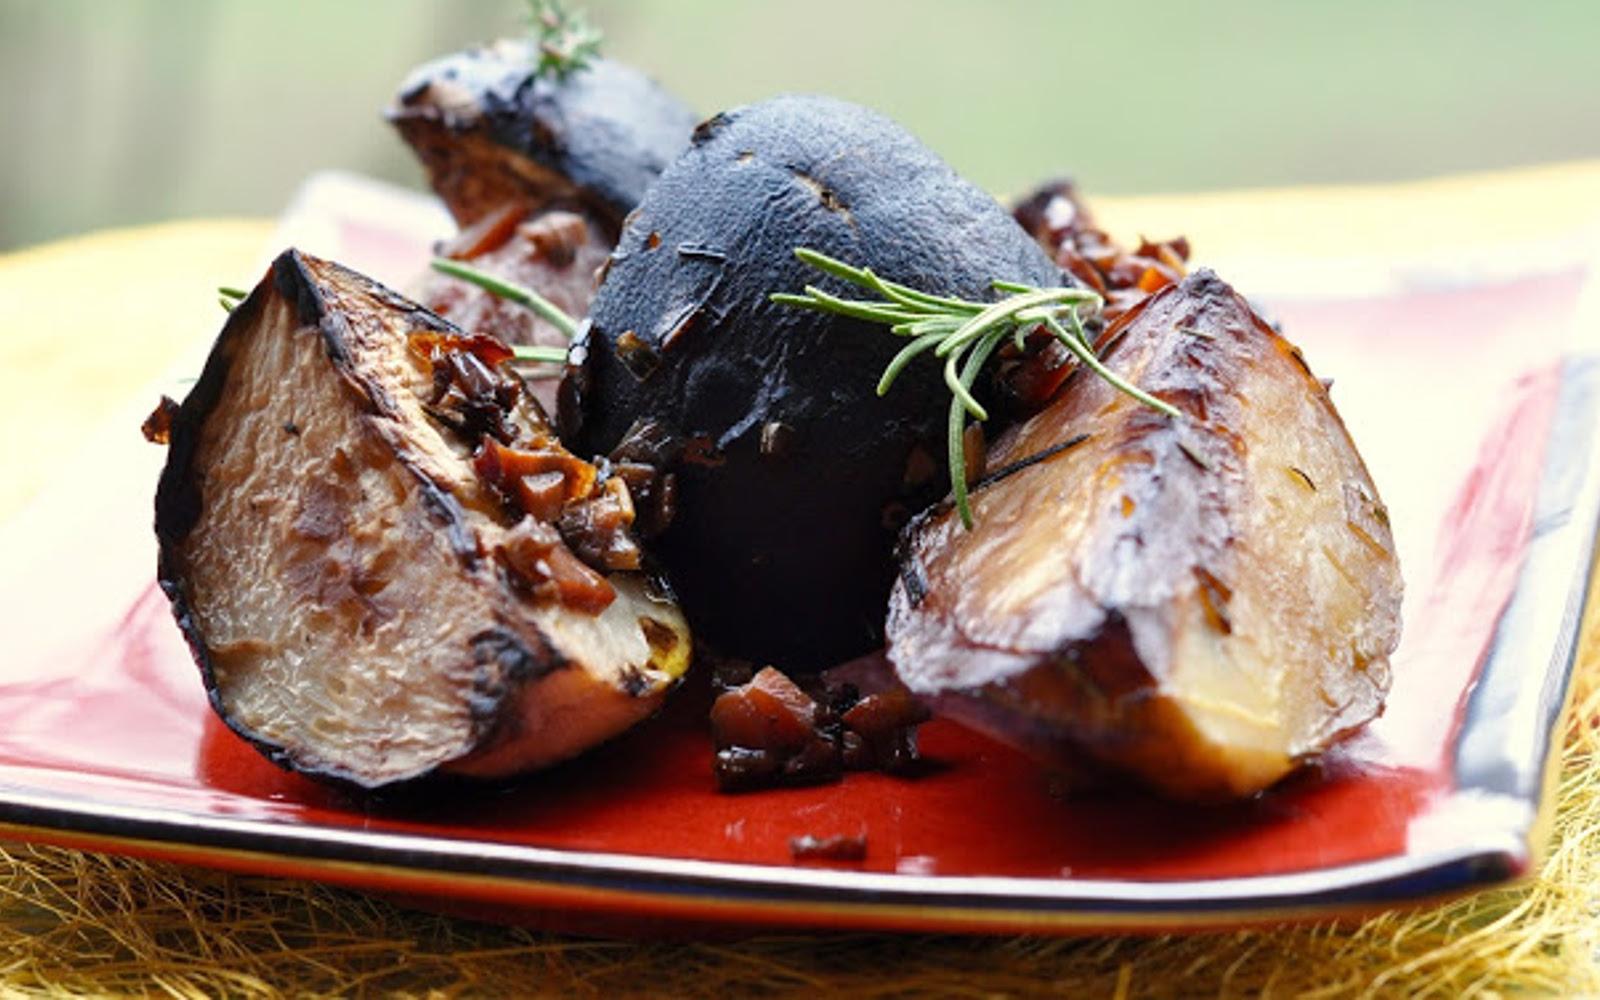 Red Wine Braised Black Turnips With Horseradish